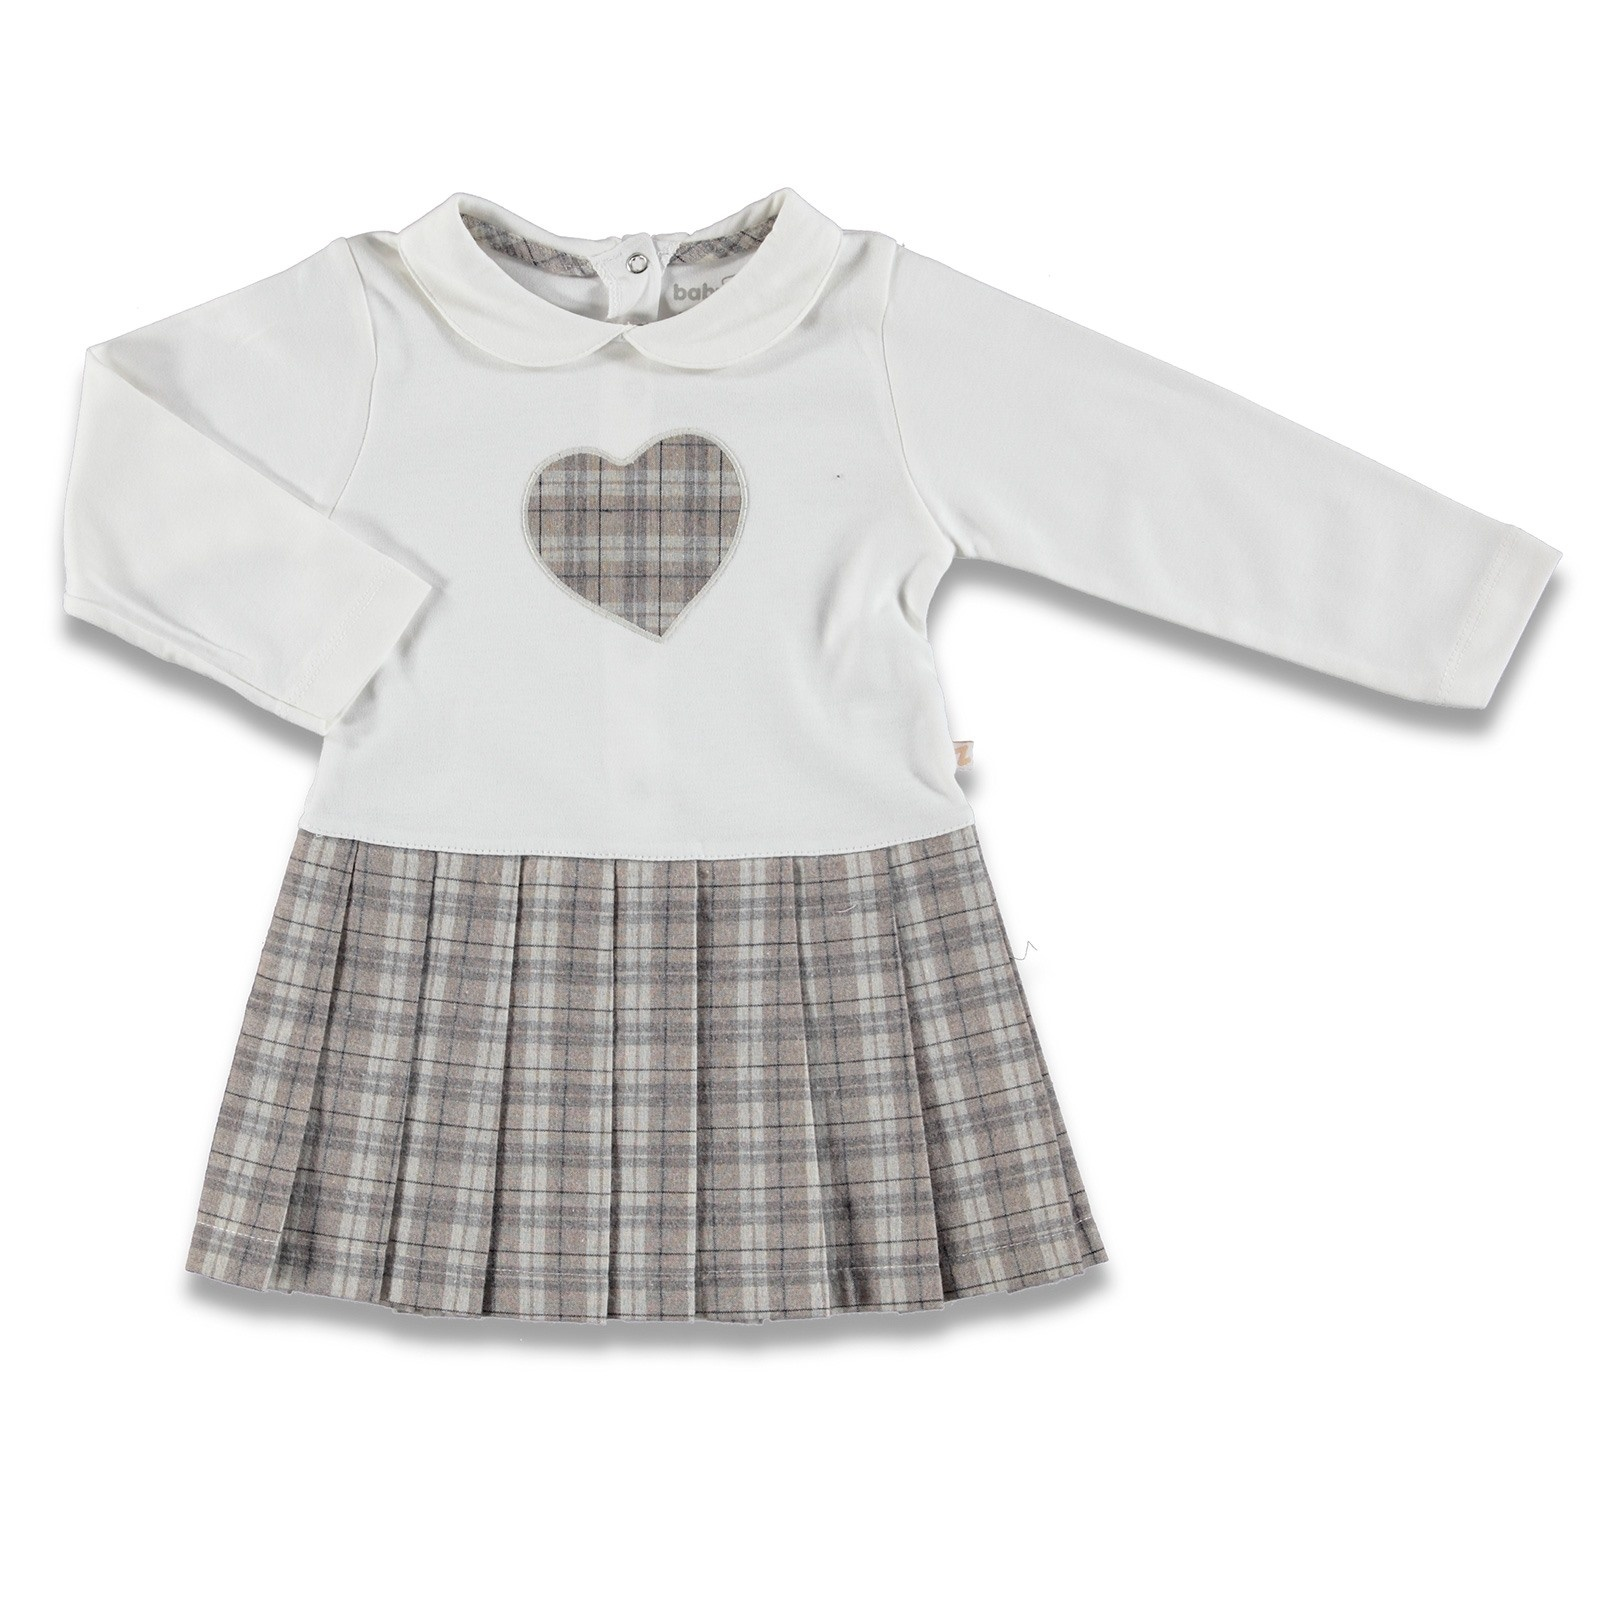 Ebebek BabyZ corazón bordado bebé niña vestido Ebebebek zapatos de bebé de primer paso